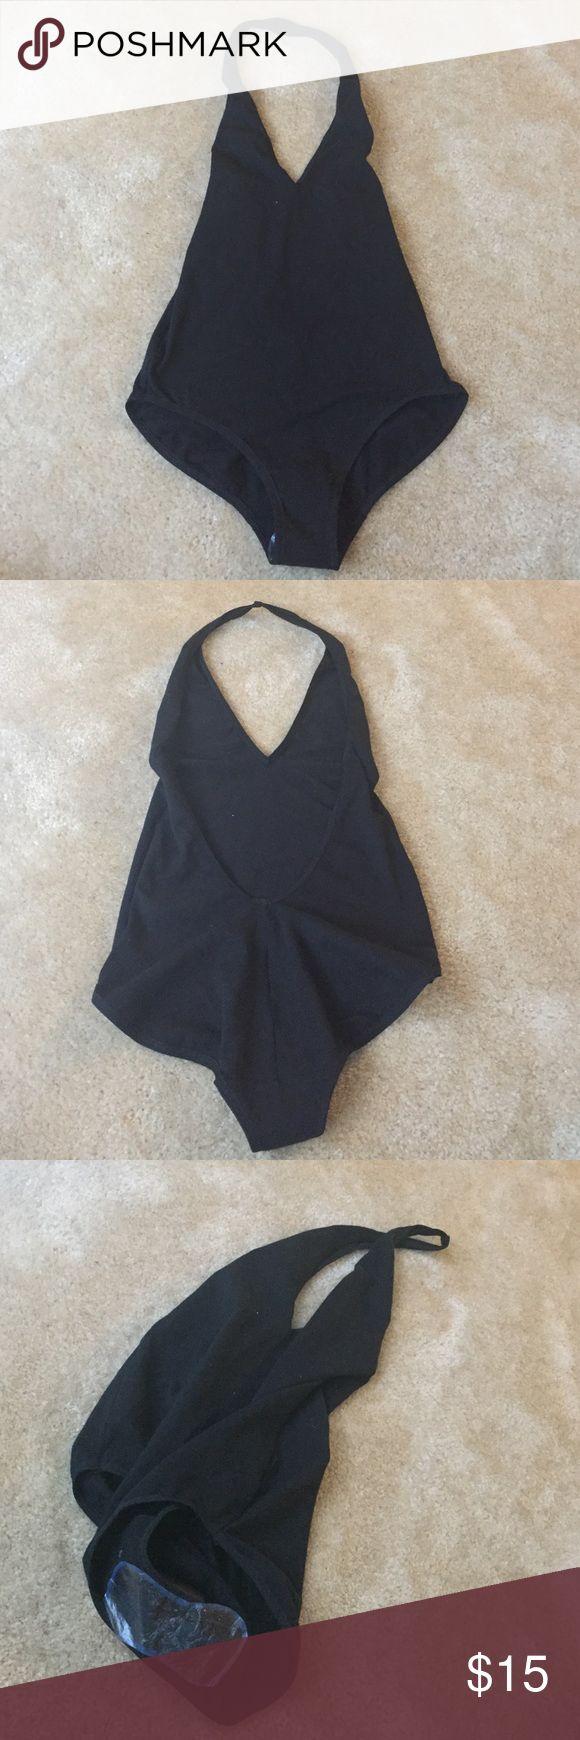 American Apparel Halter Bodysuit NEVER WORN American Apparel Cotton Spandex Halter Bodysuit NEVER WORN SZ Small American Apparel Tops